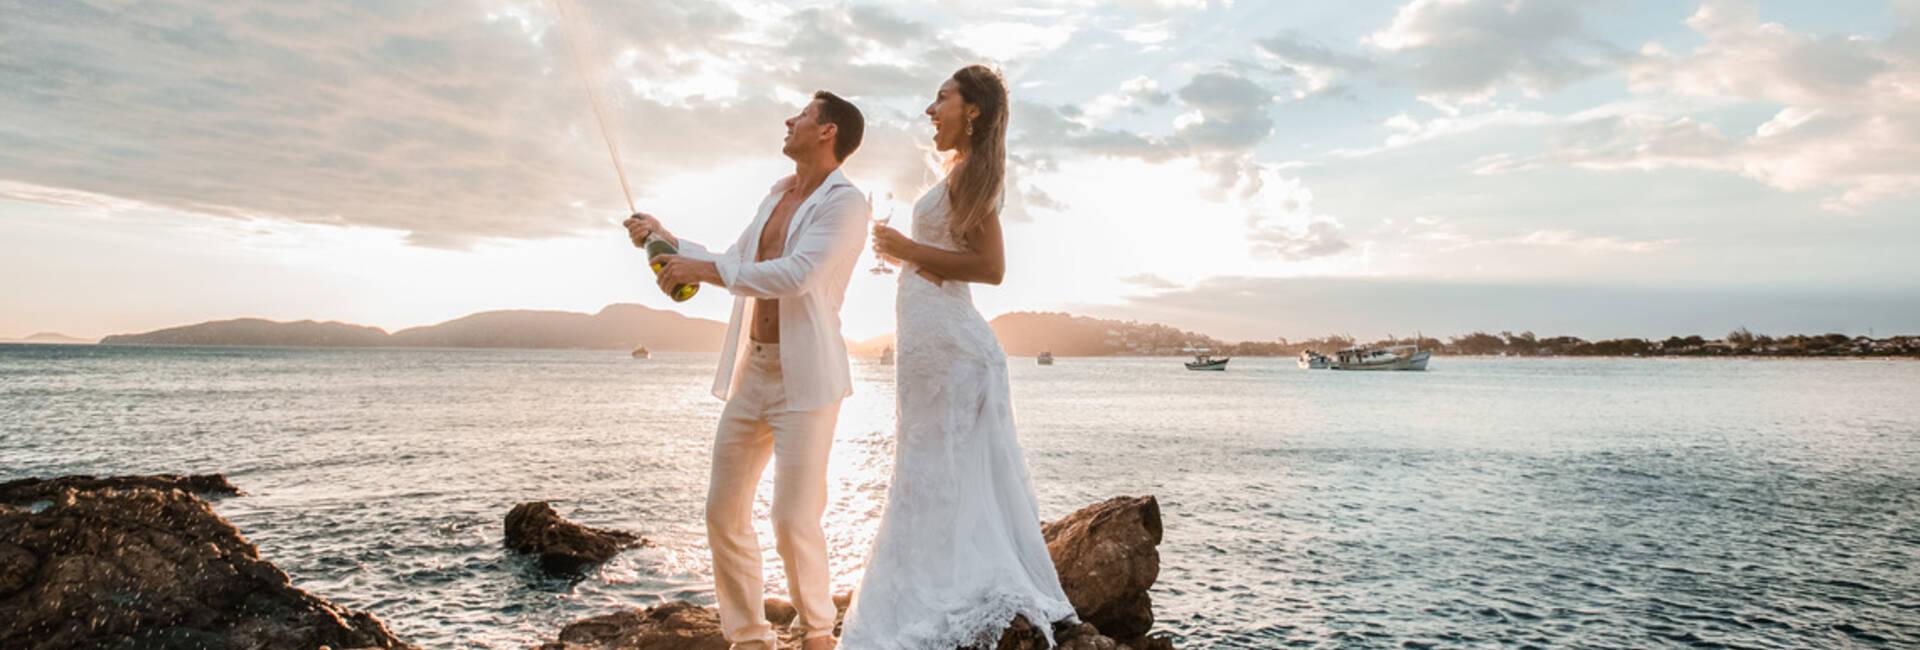 Casamento de Priscilla & Philip